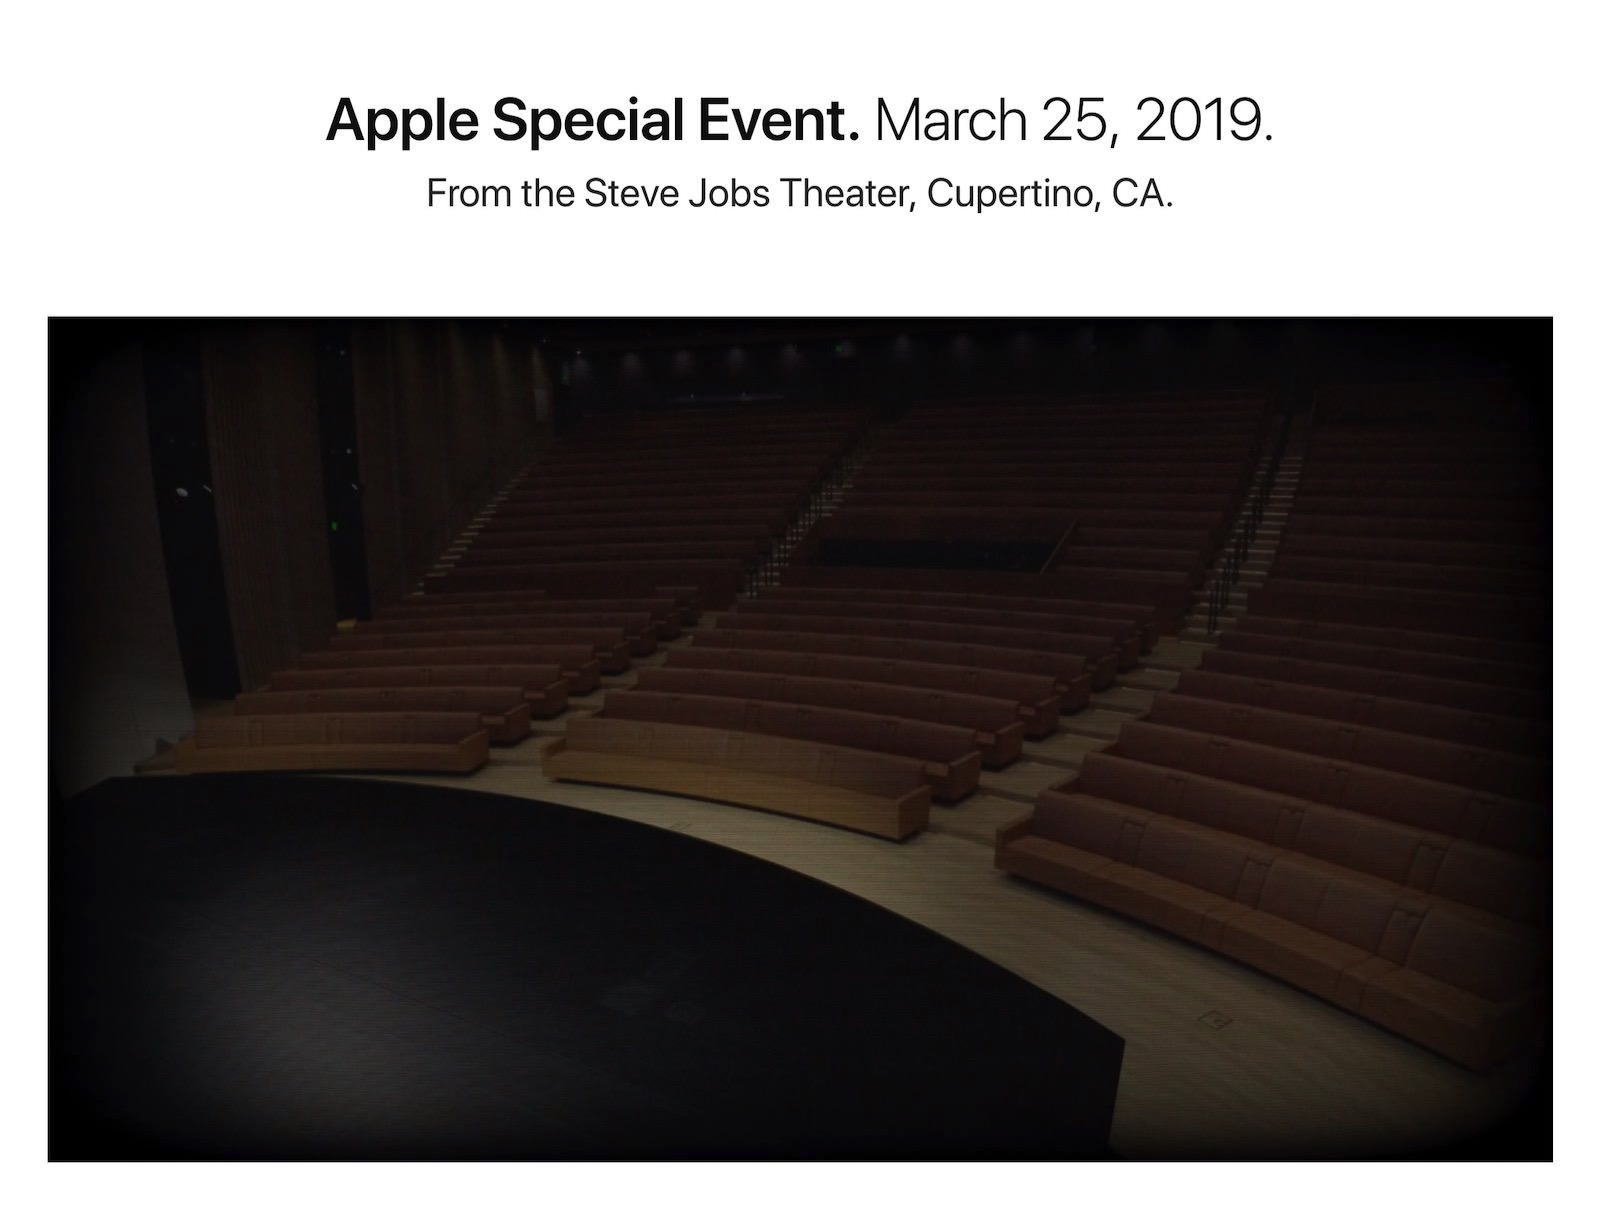 Live-Streaming-of-Steve-Jobs-Theater.jpg